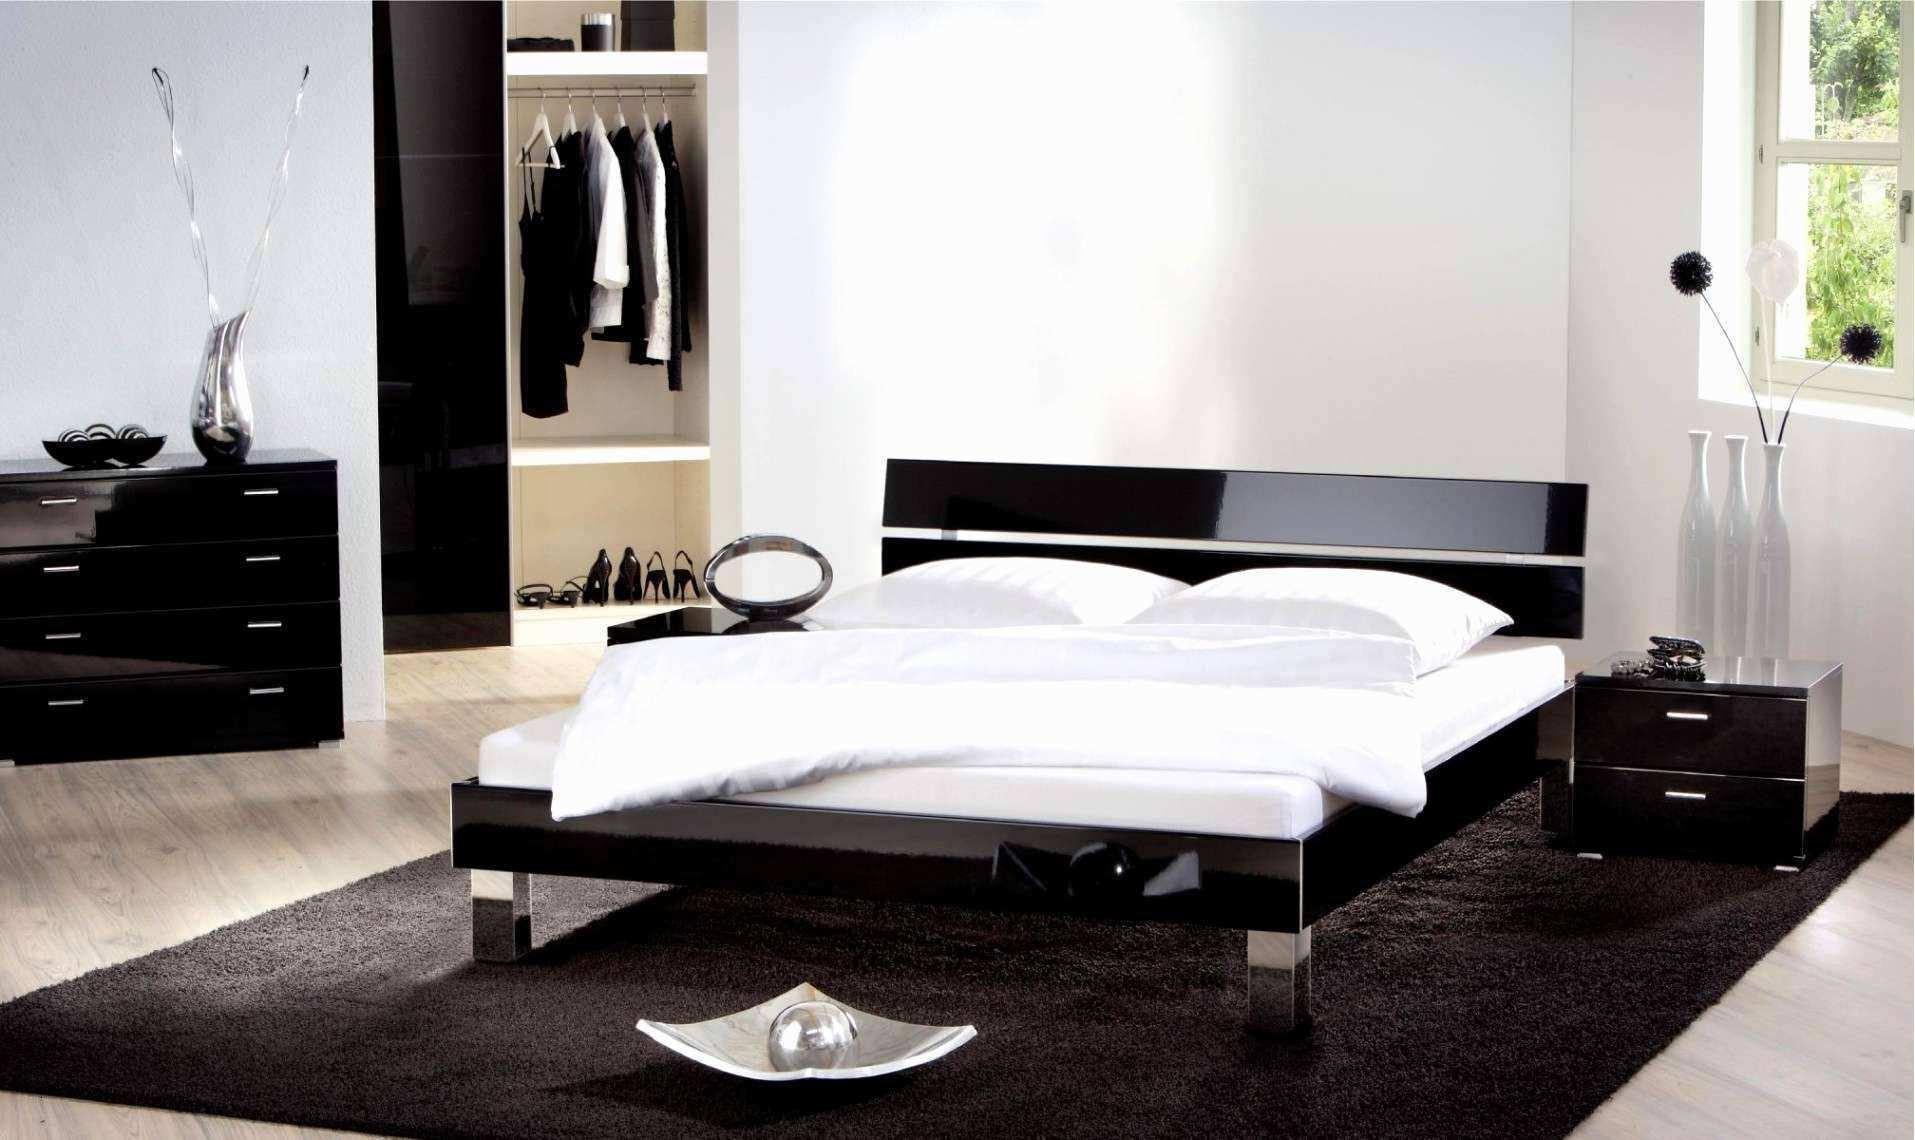 holz deko ideen neu luxus deko ideen diy attraktiv regal schlafzimmer 0d of holz deko ideen